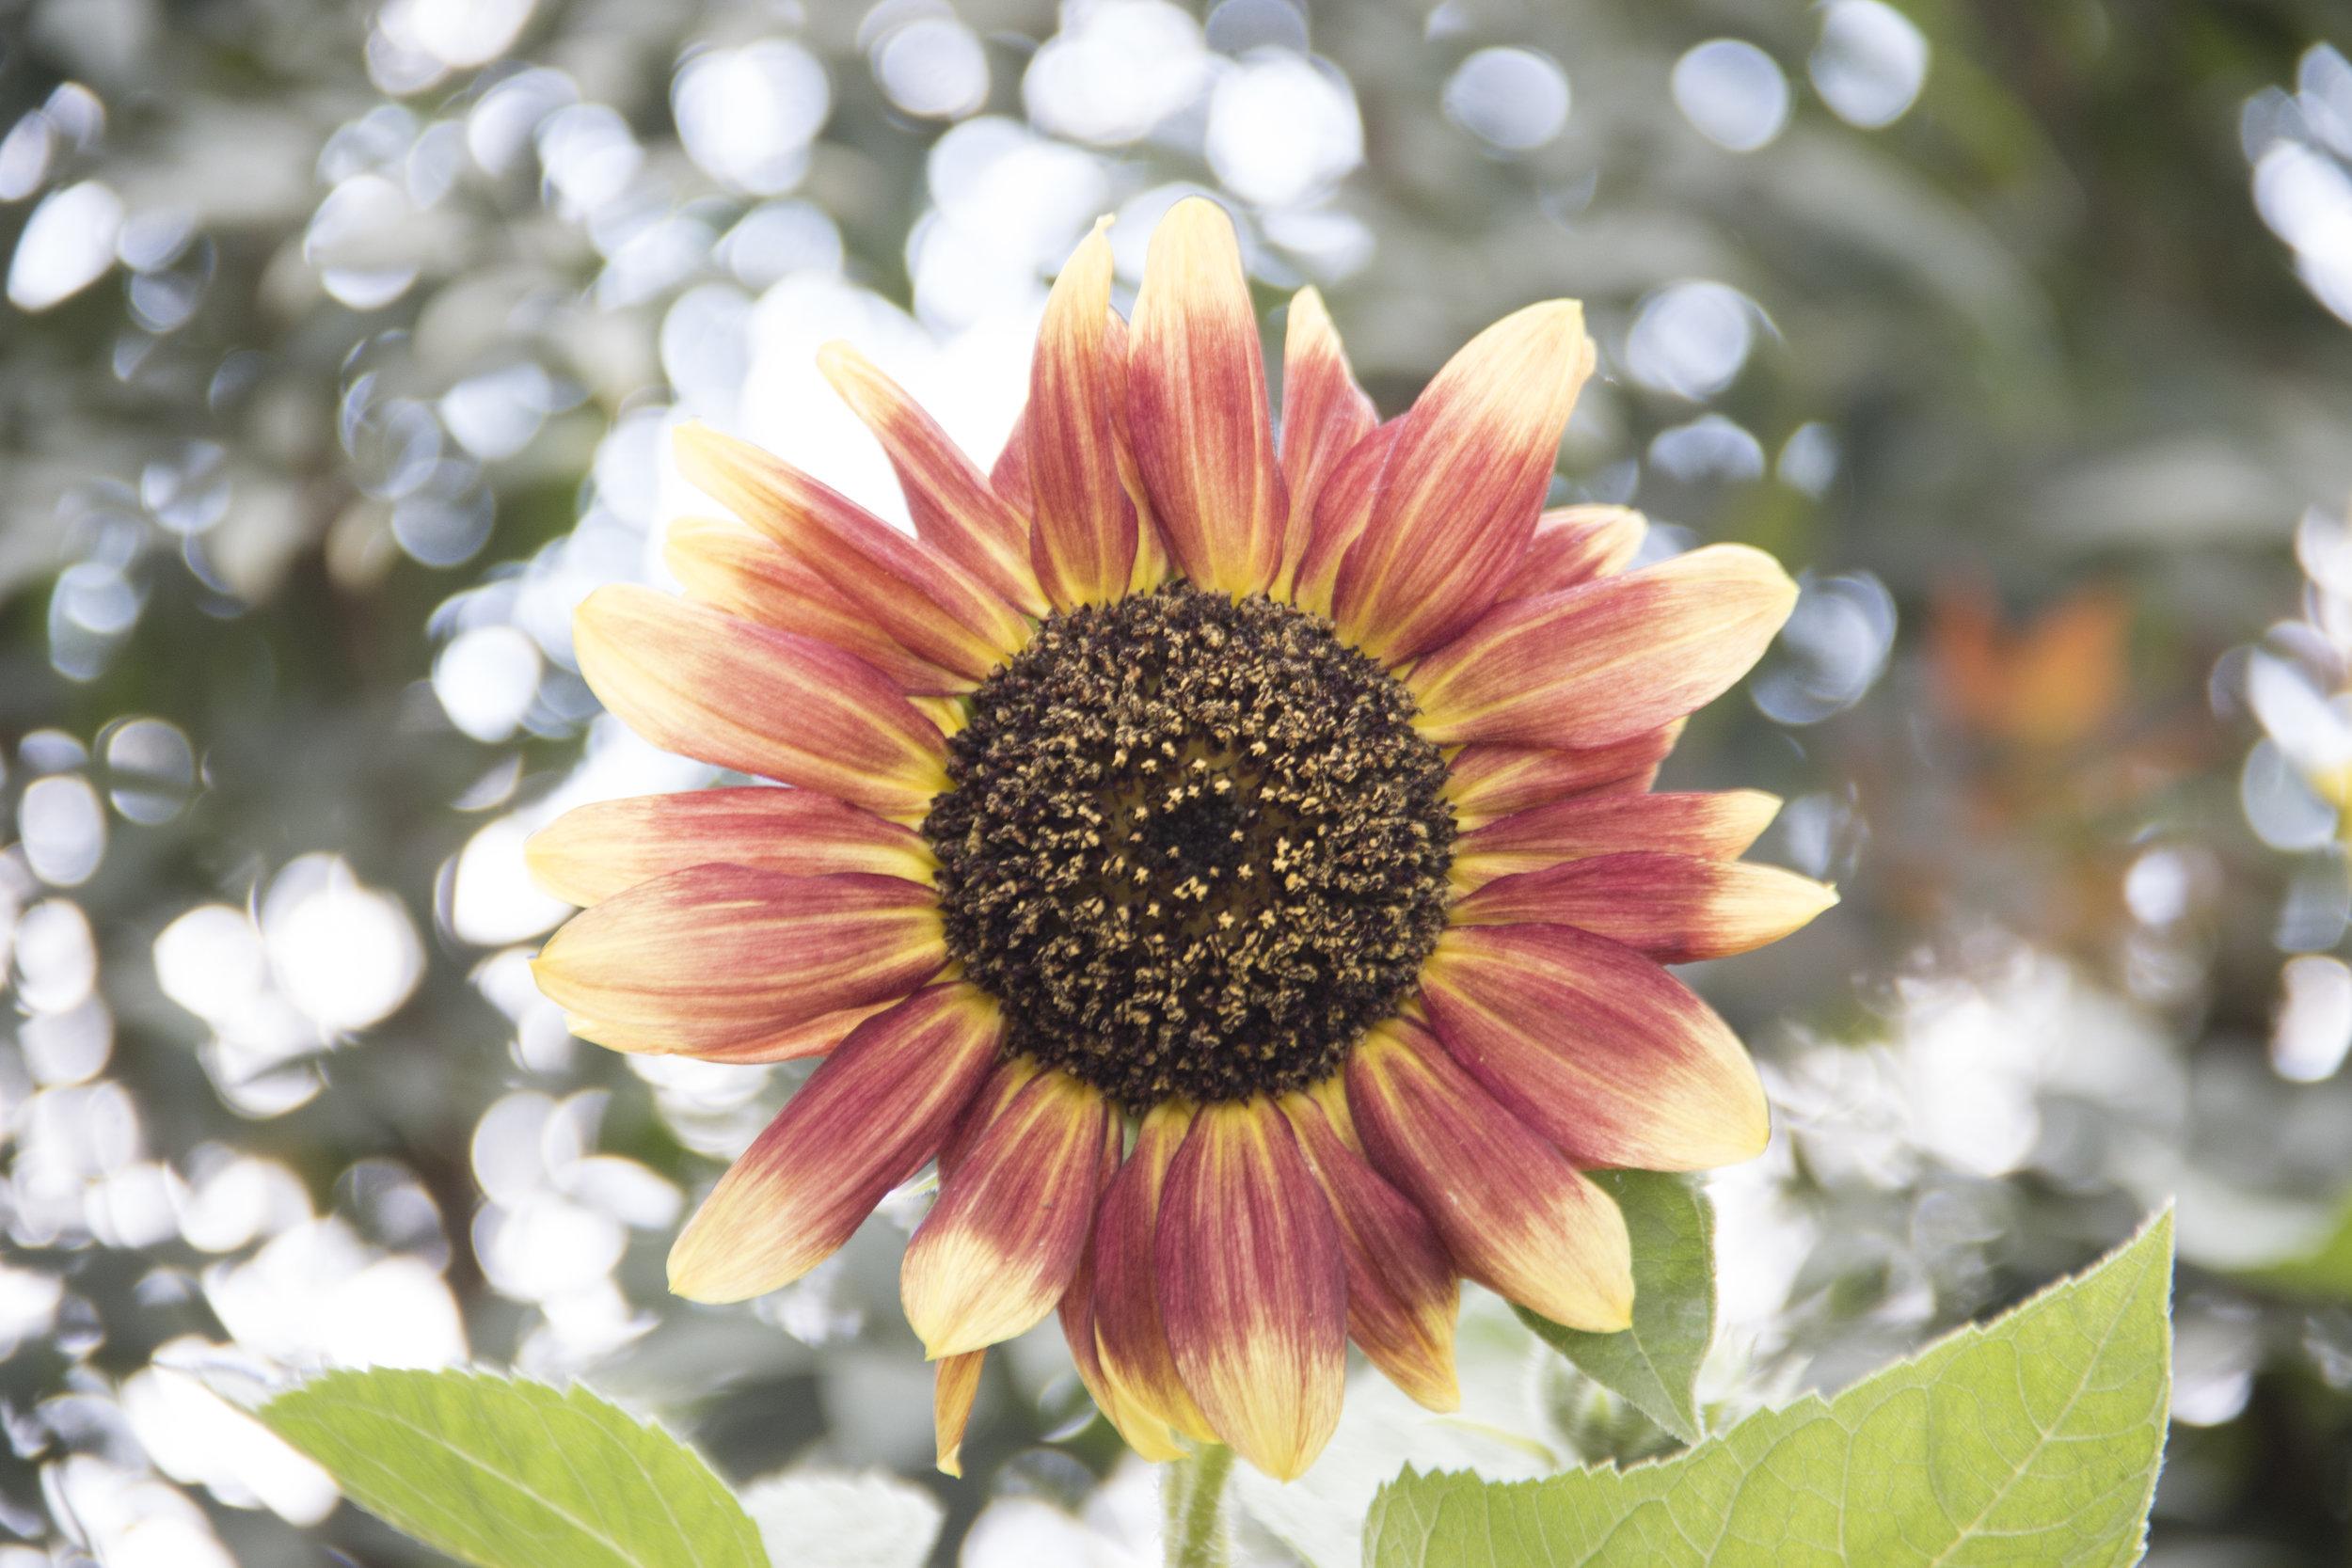 Frida's Sunflower - Frida Kahlo's Sunflower - A seedling grown from her garden at the New York Botanical Garden (NYBG) Circa 2k15